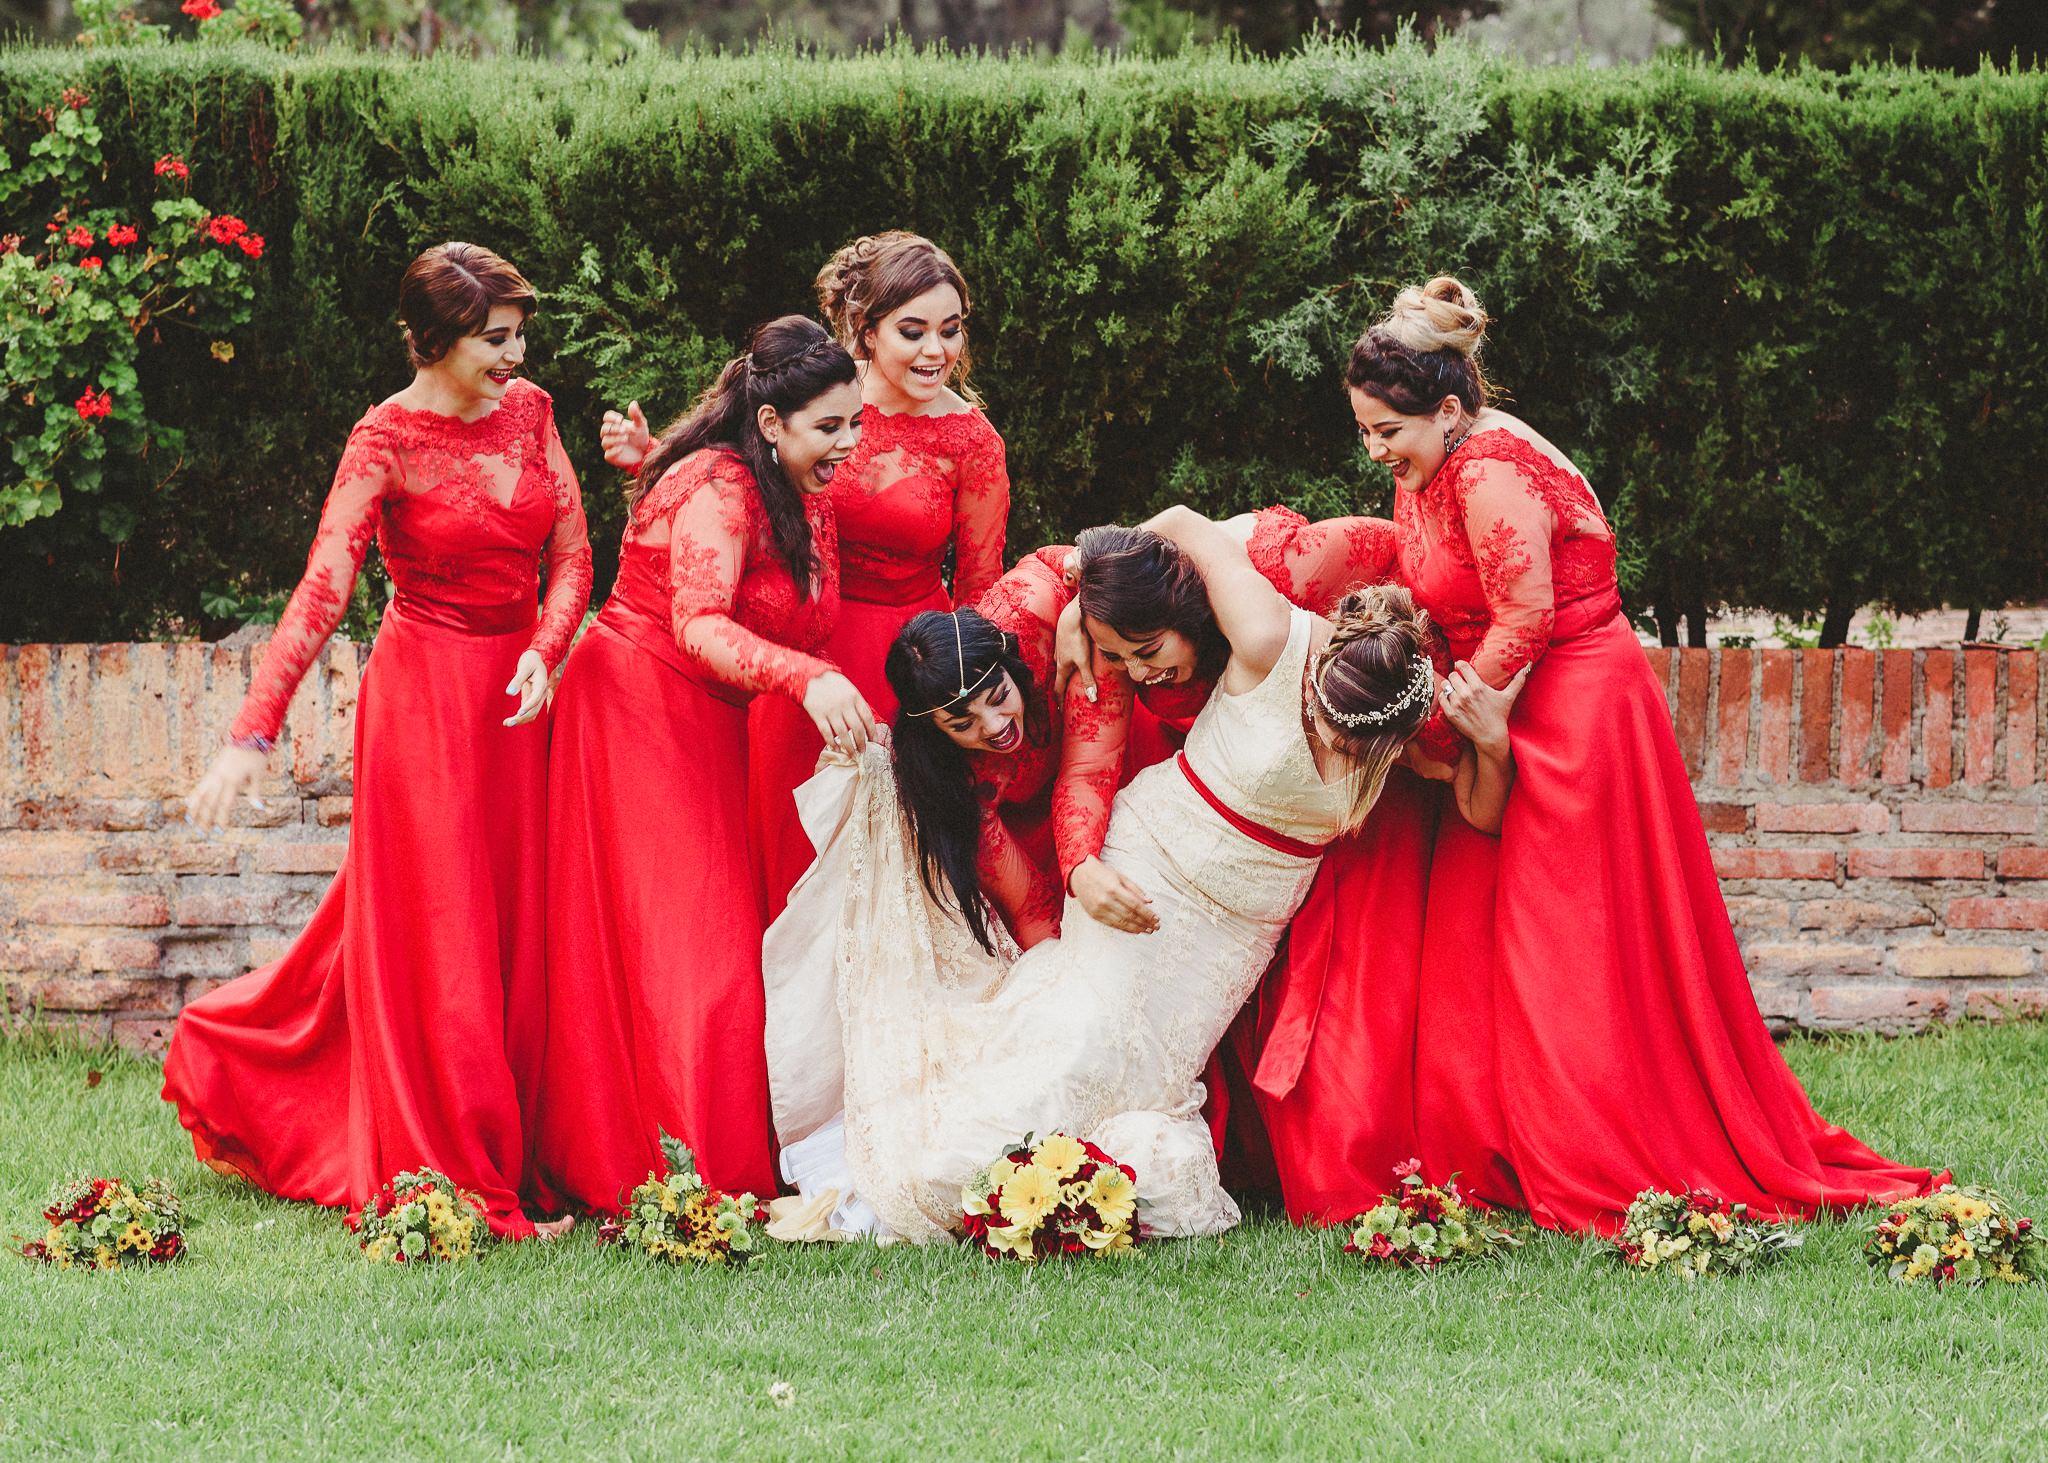 03boda-en-jardin-wedding-hacienda-los-cuartos-fotografo-luis-houdin90